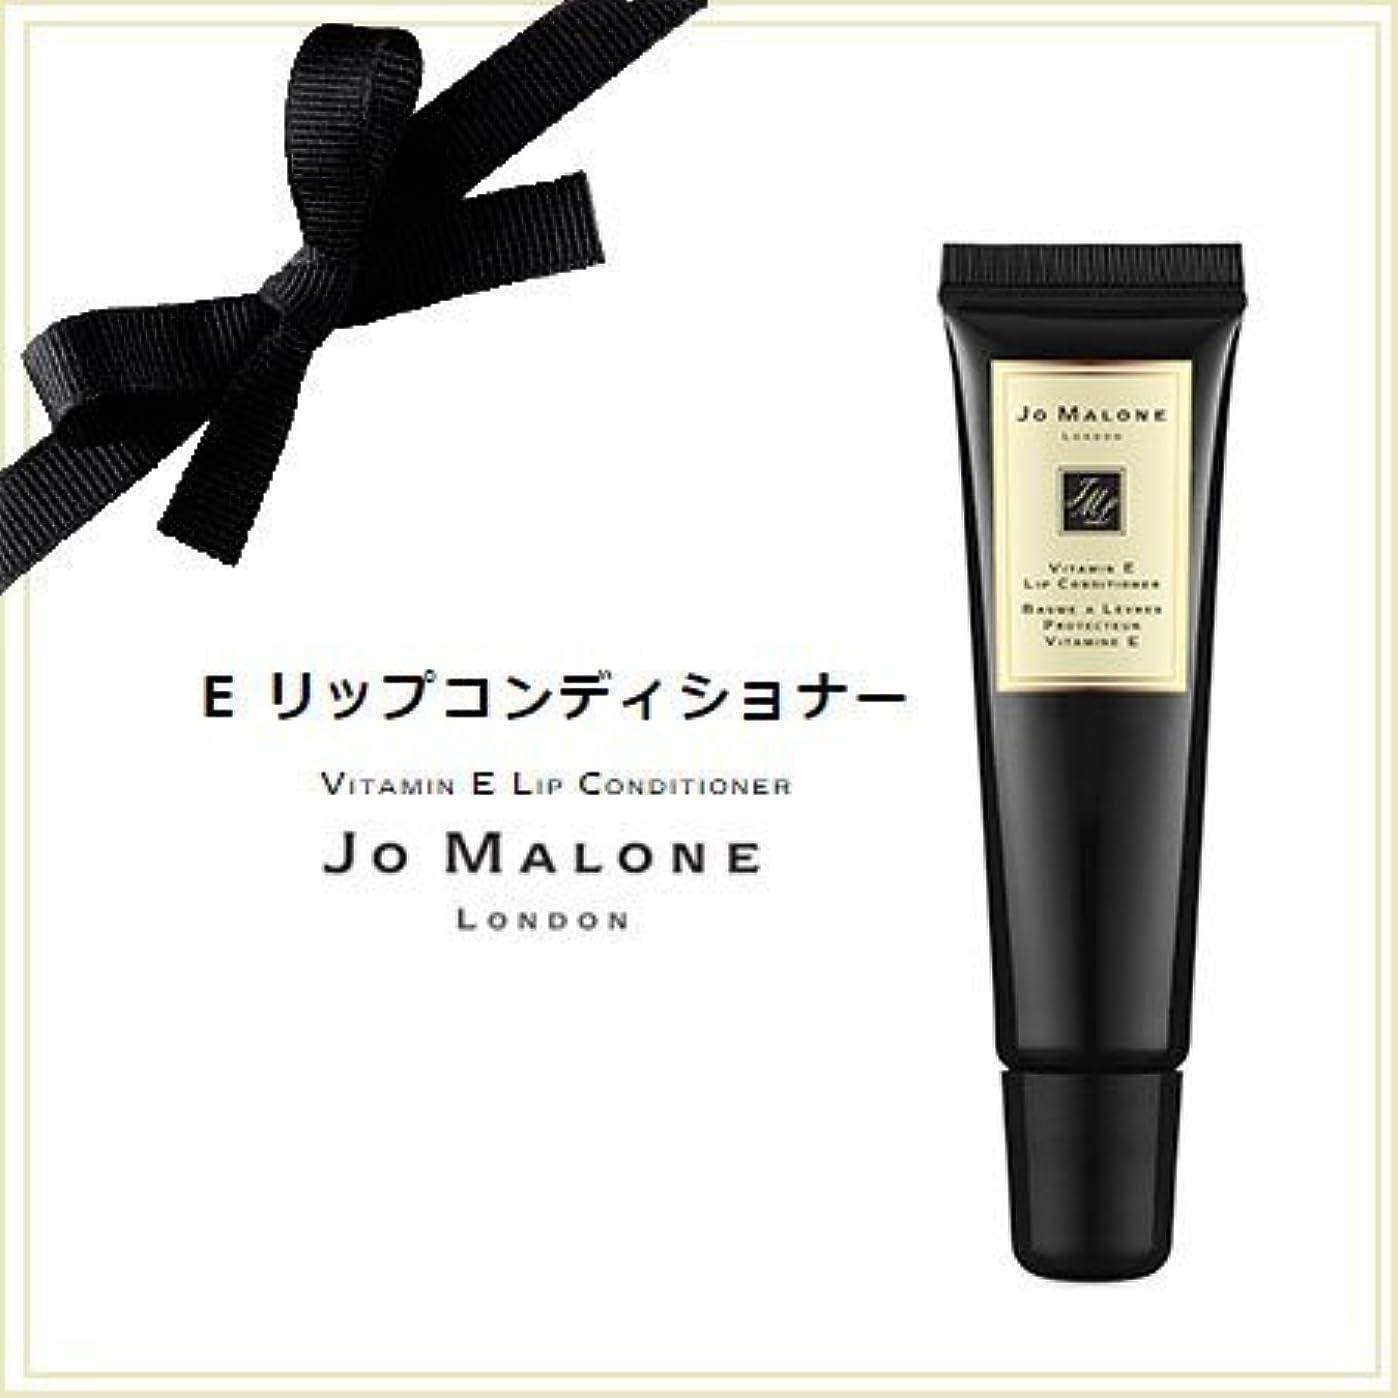 夜明けにエンドウ元のジョーマローン Eリップ コンディショナー SPF15 15ml -JO MALONE- 【並行輸入品】